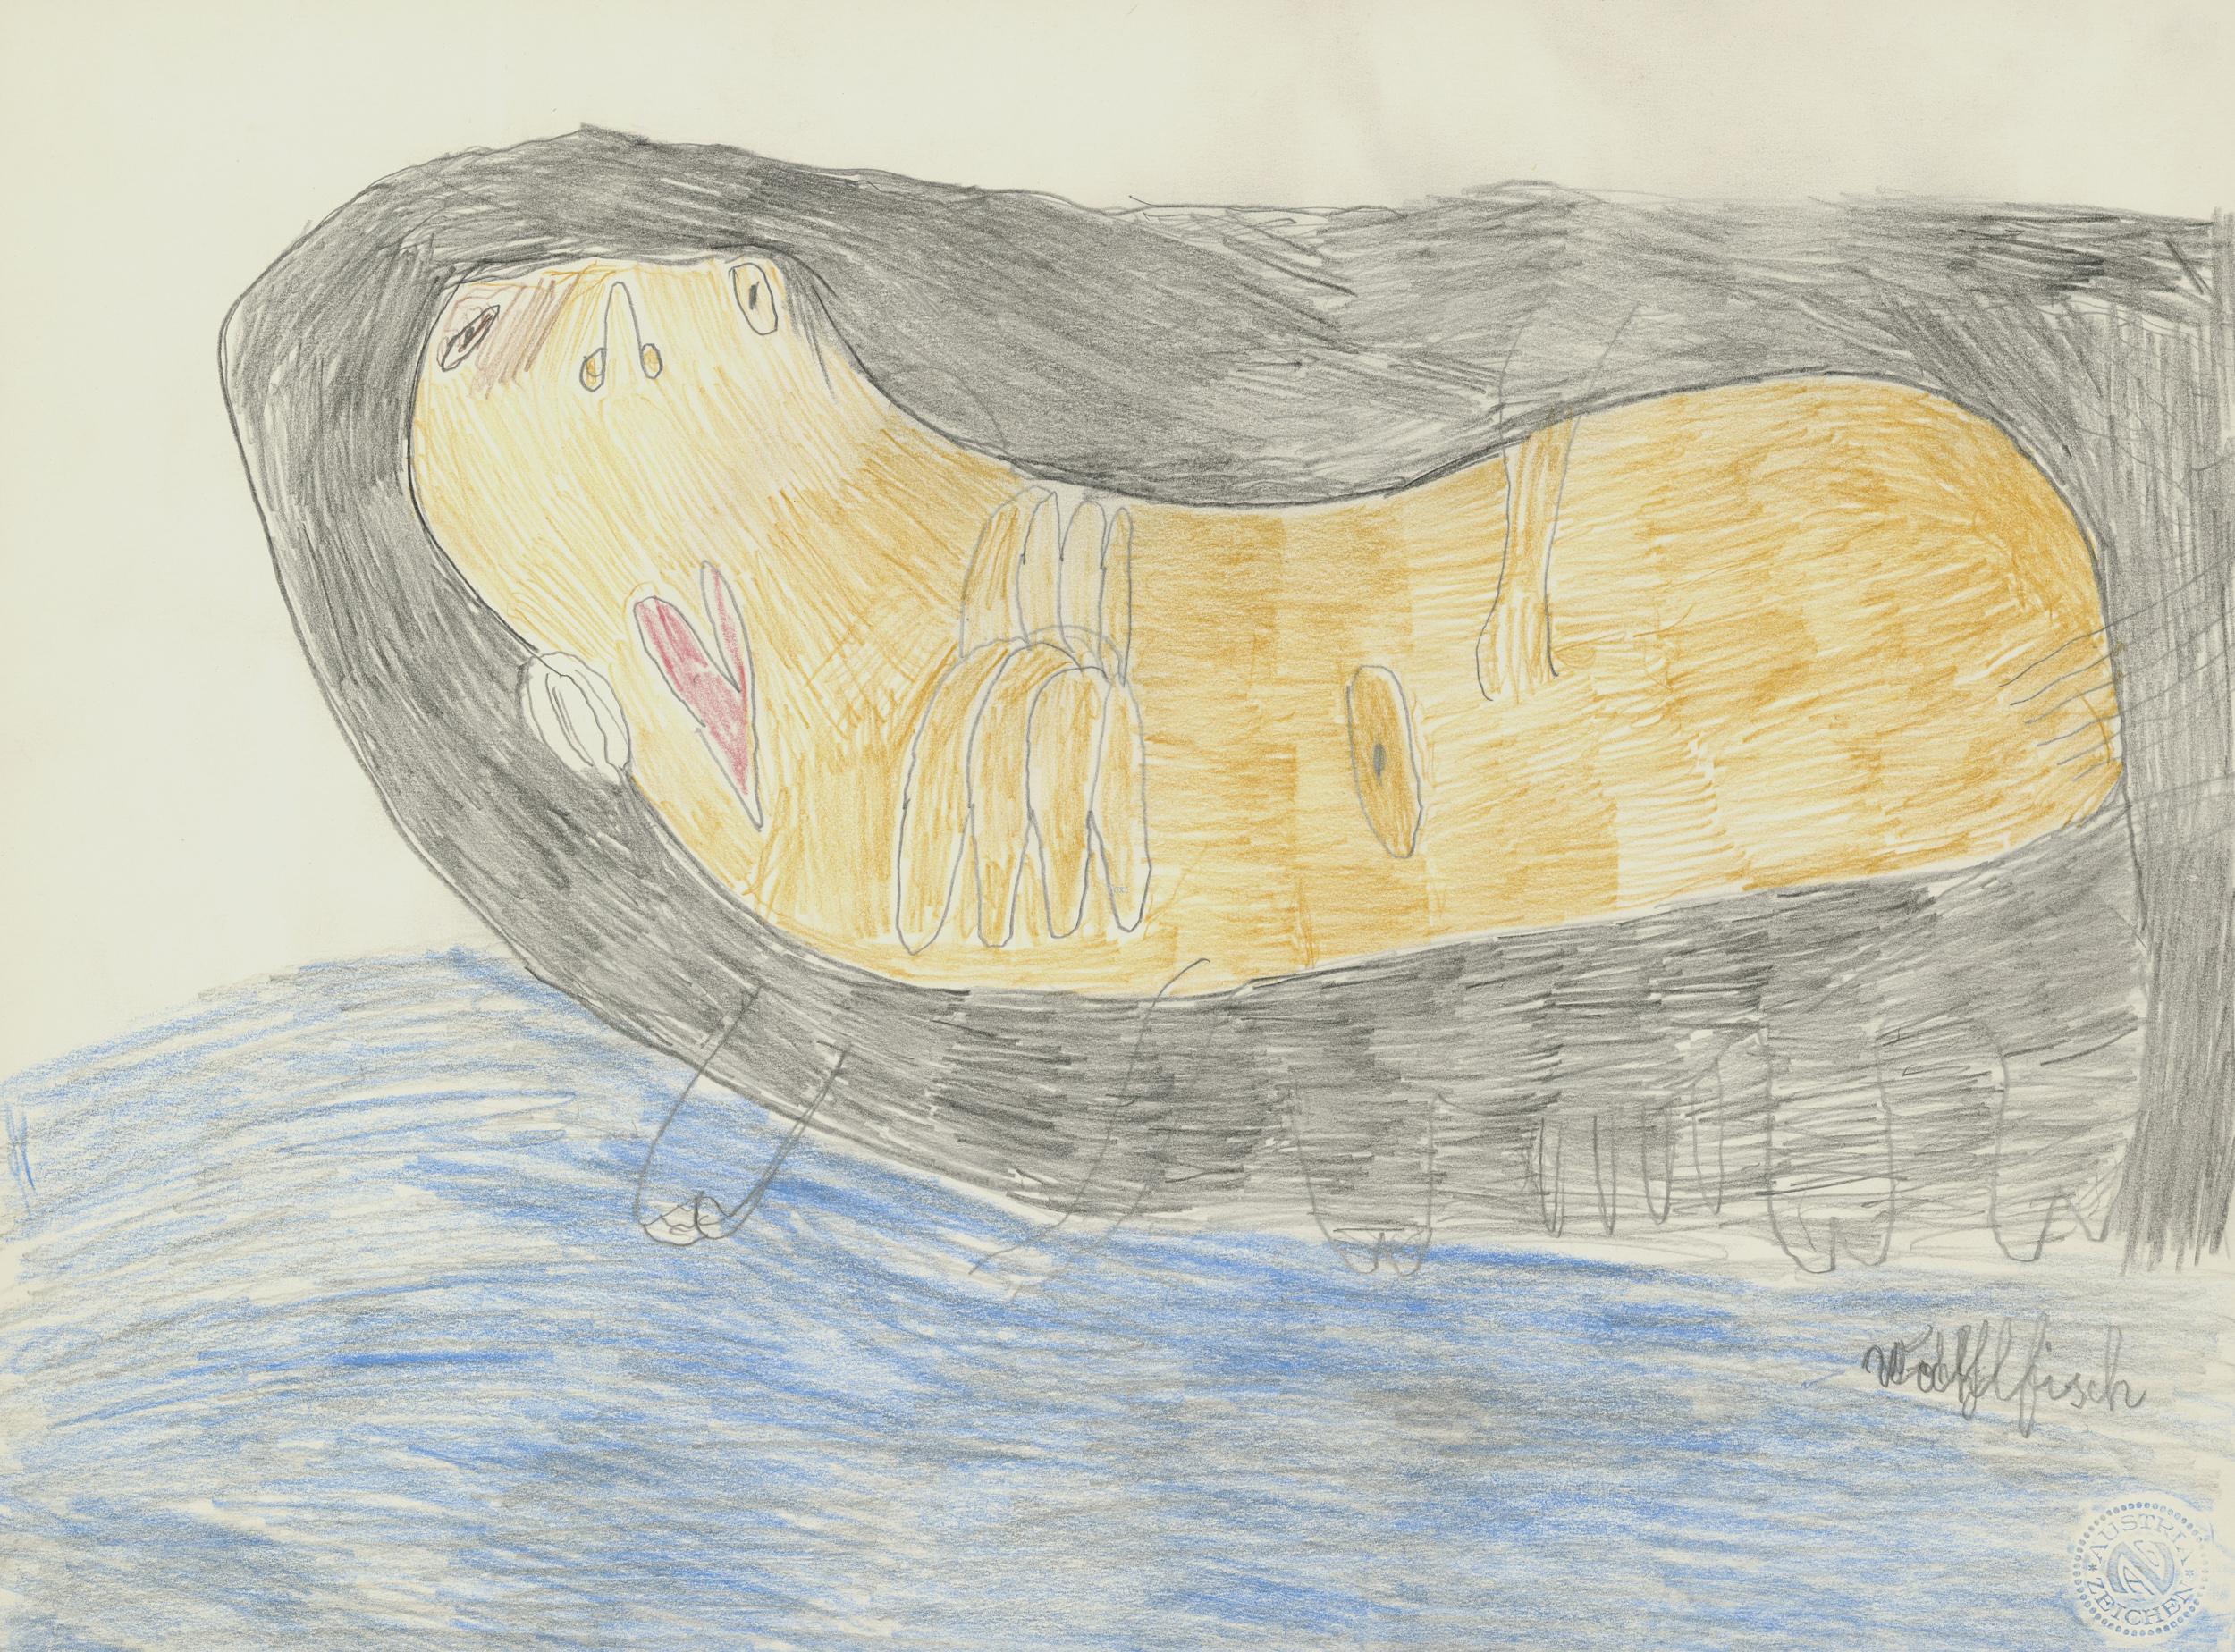 schöpke philipp - Walflfisch / walflfish